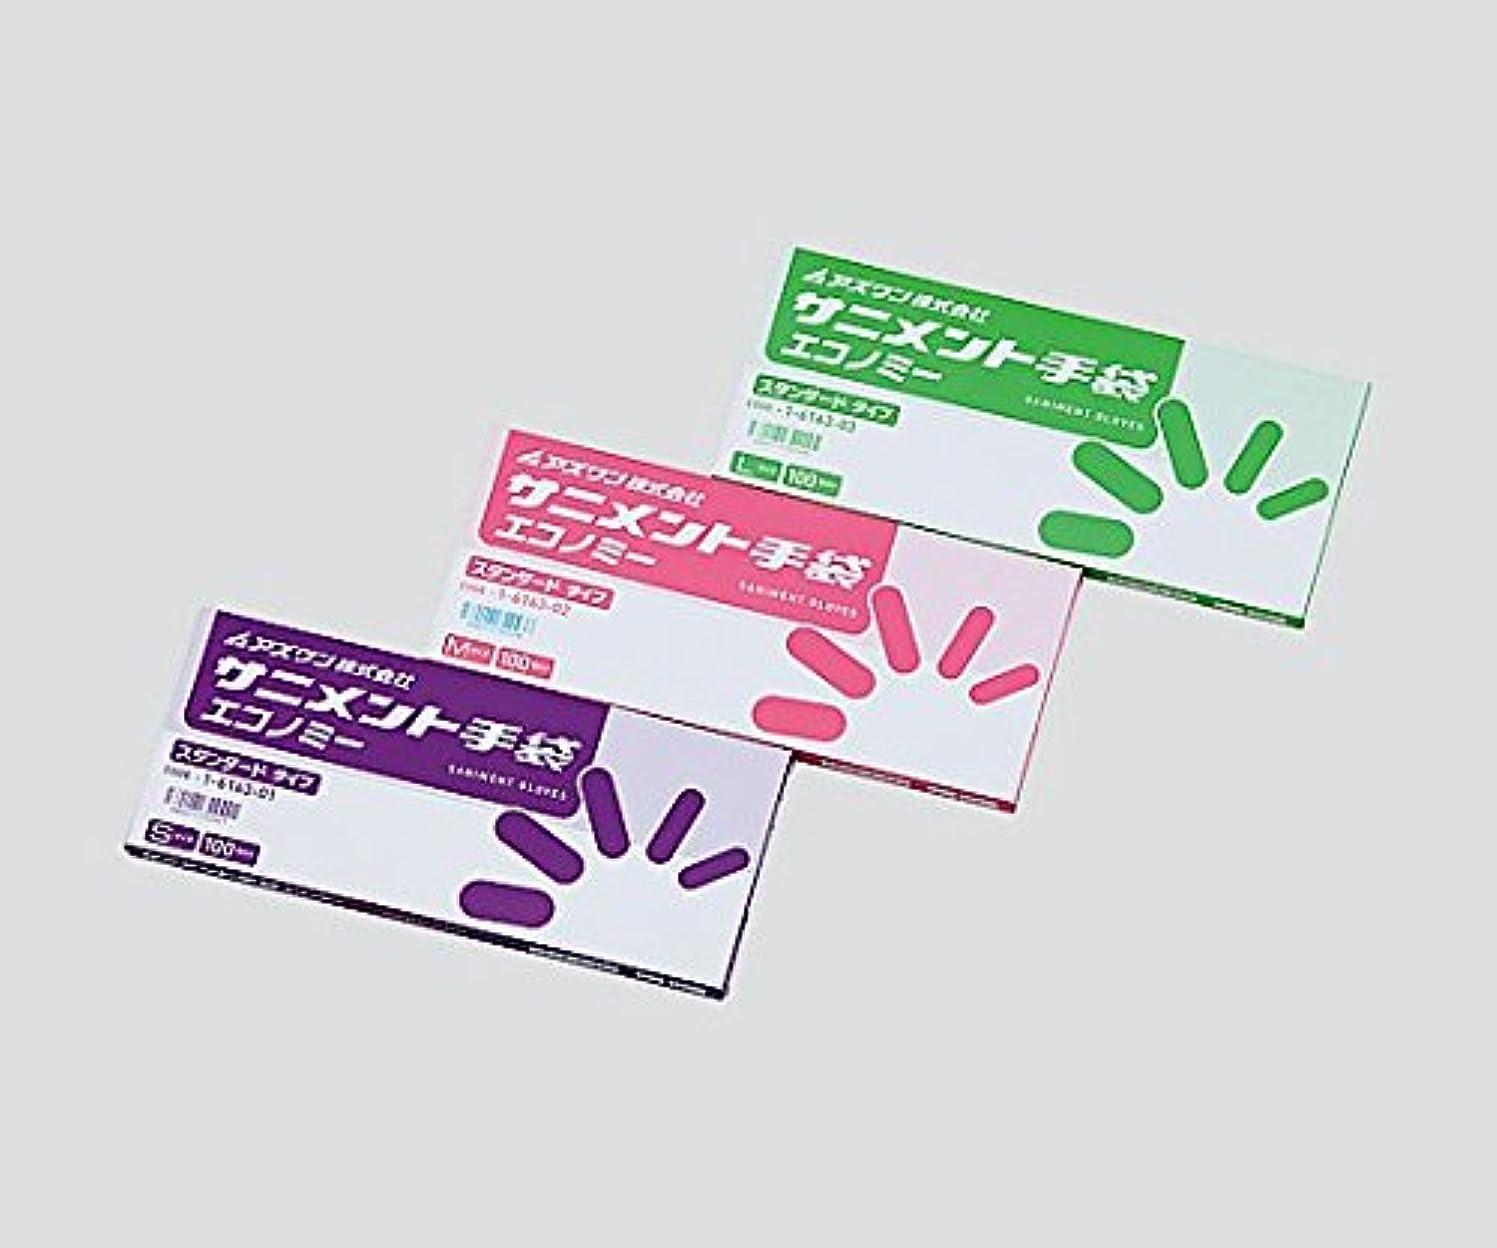 のみトピックアクセルアズワン1-6163-02サニメント手袋PEスタンダード(エコノミー)M1箱